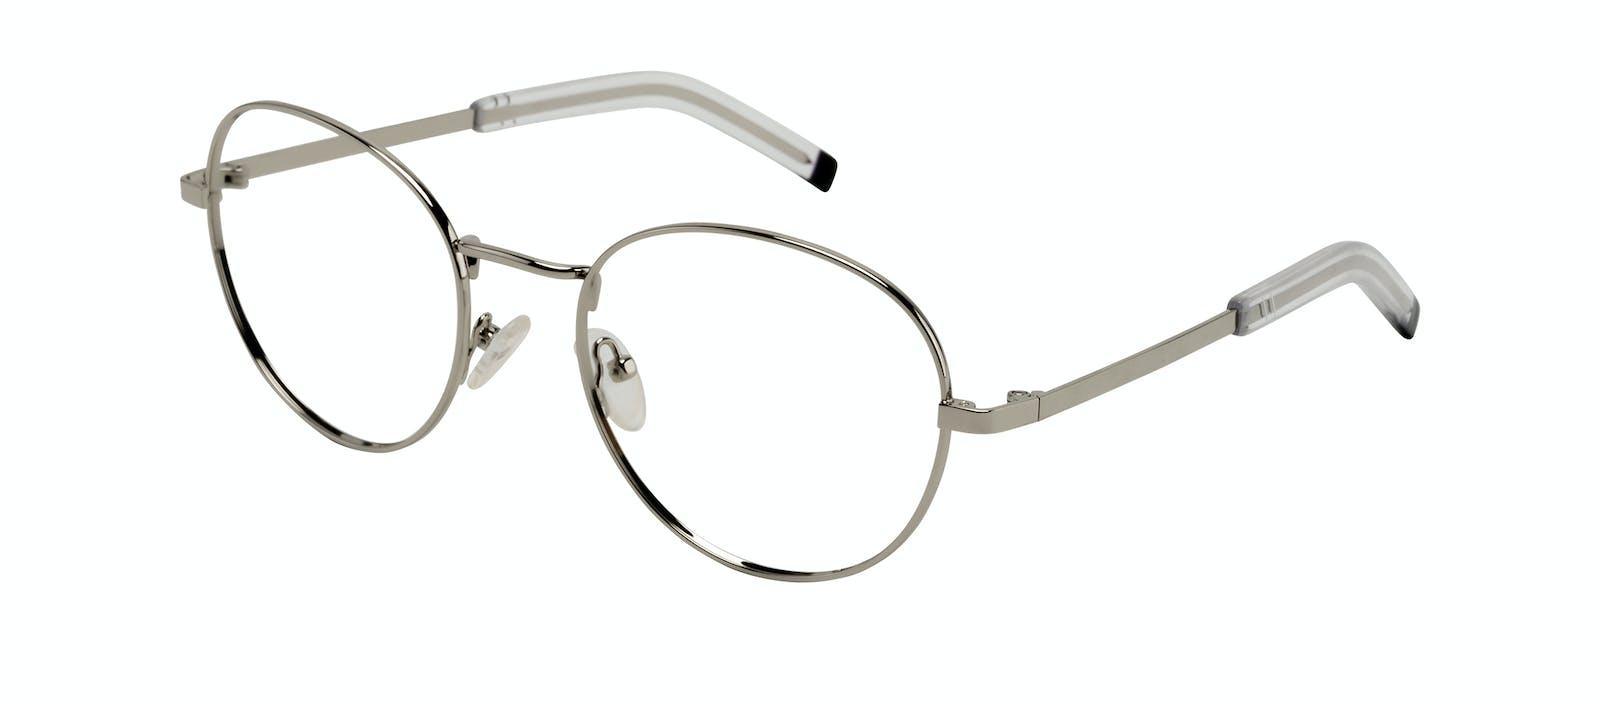 b117bae7ab Affordable Fashion Glasses Round Eyeglasses Men Lean XL Silver Tilt